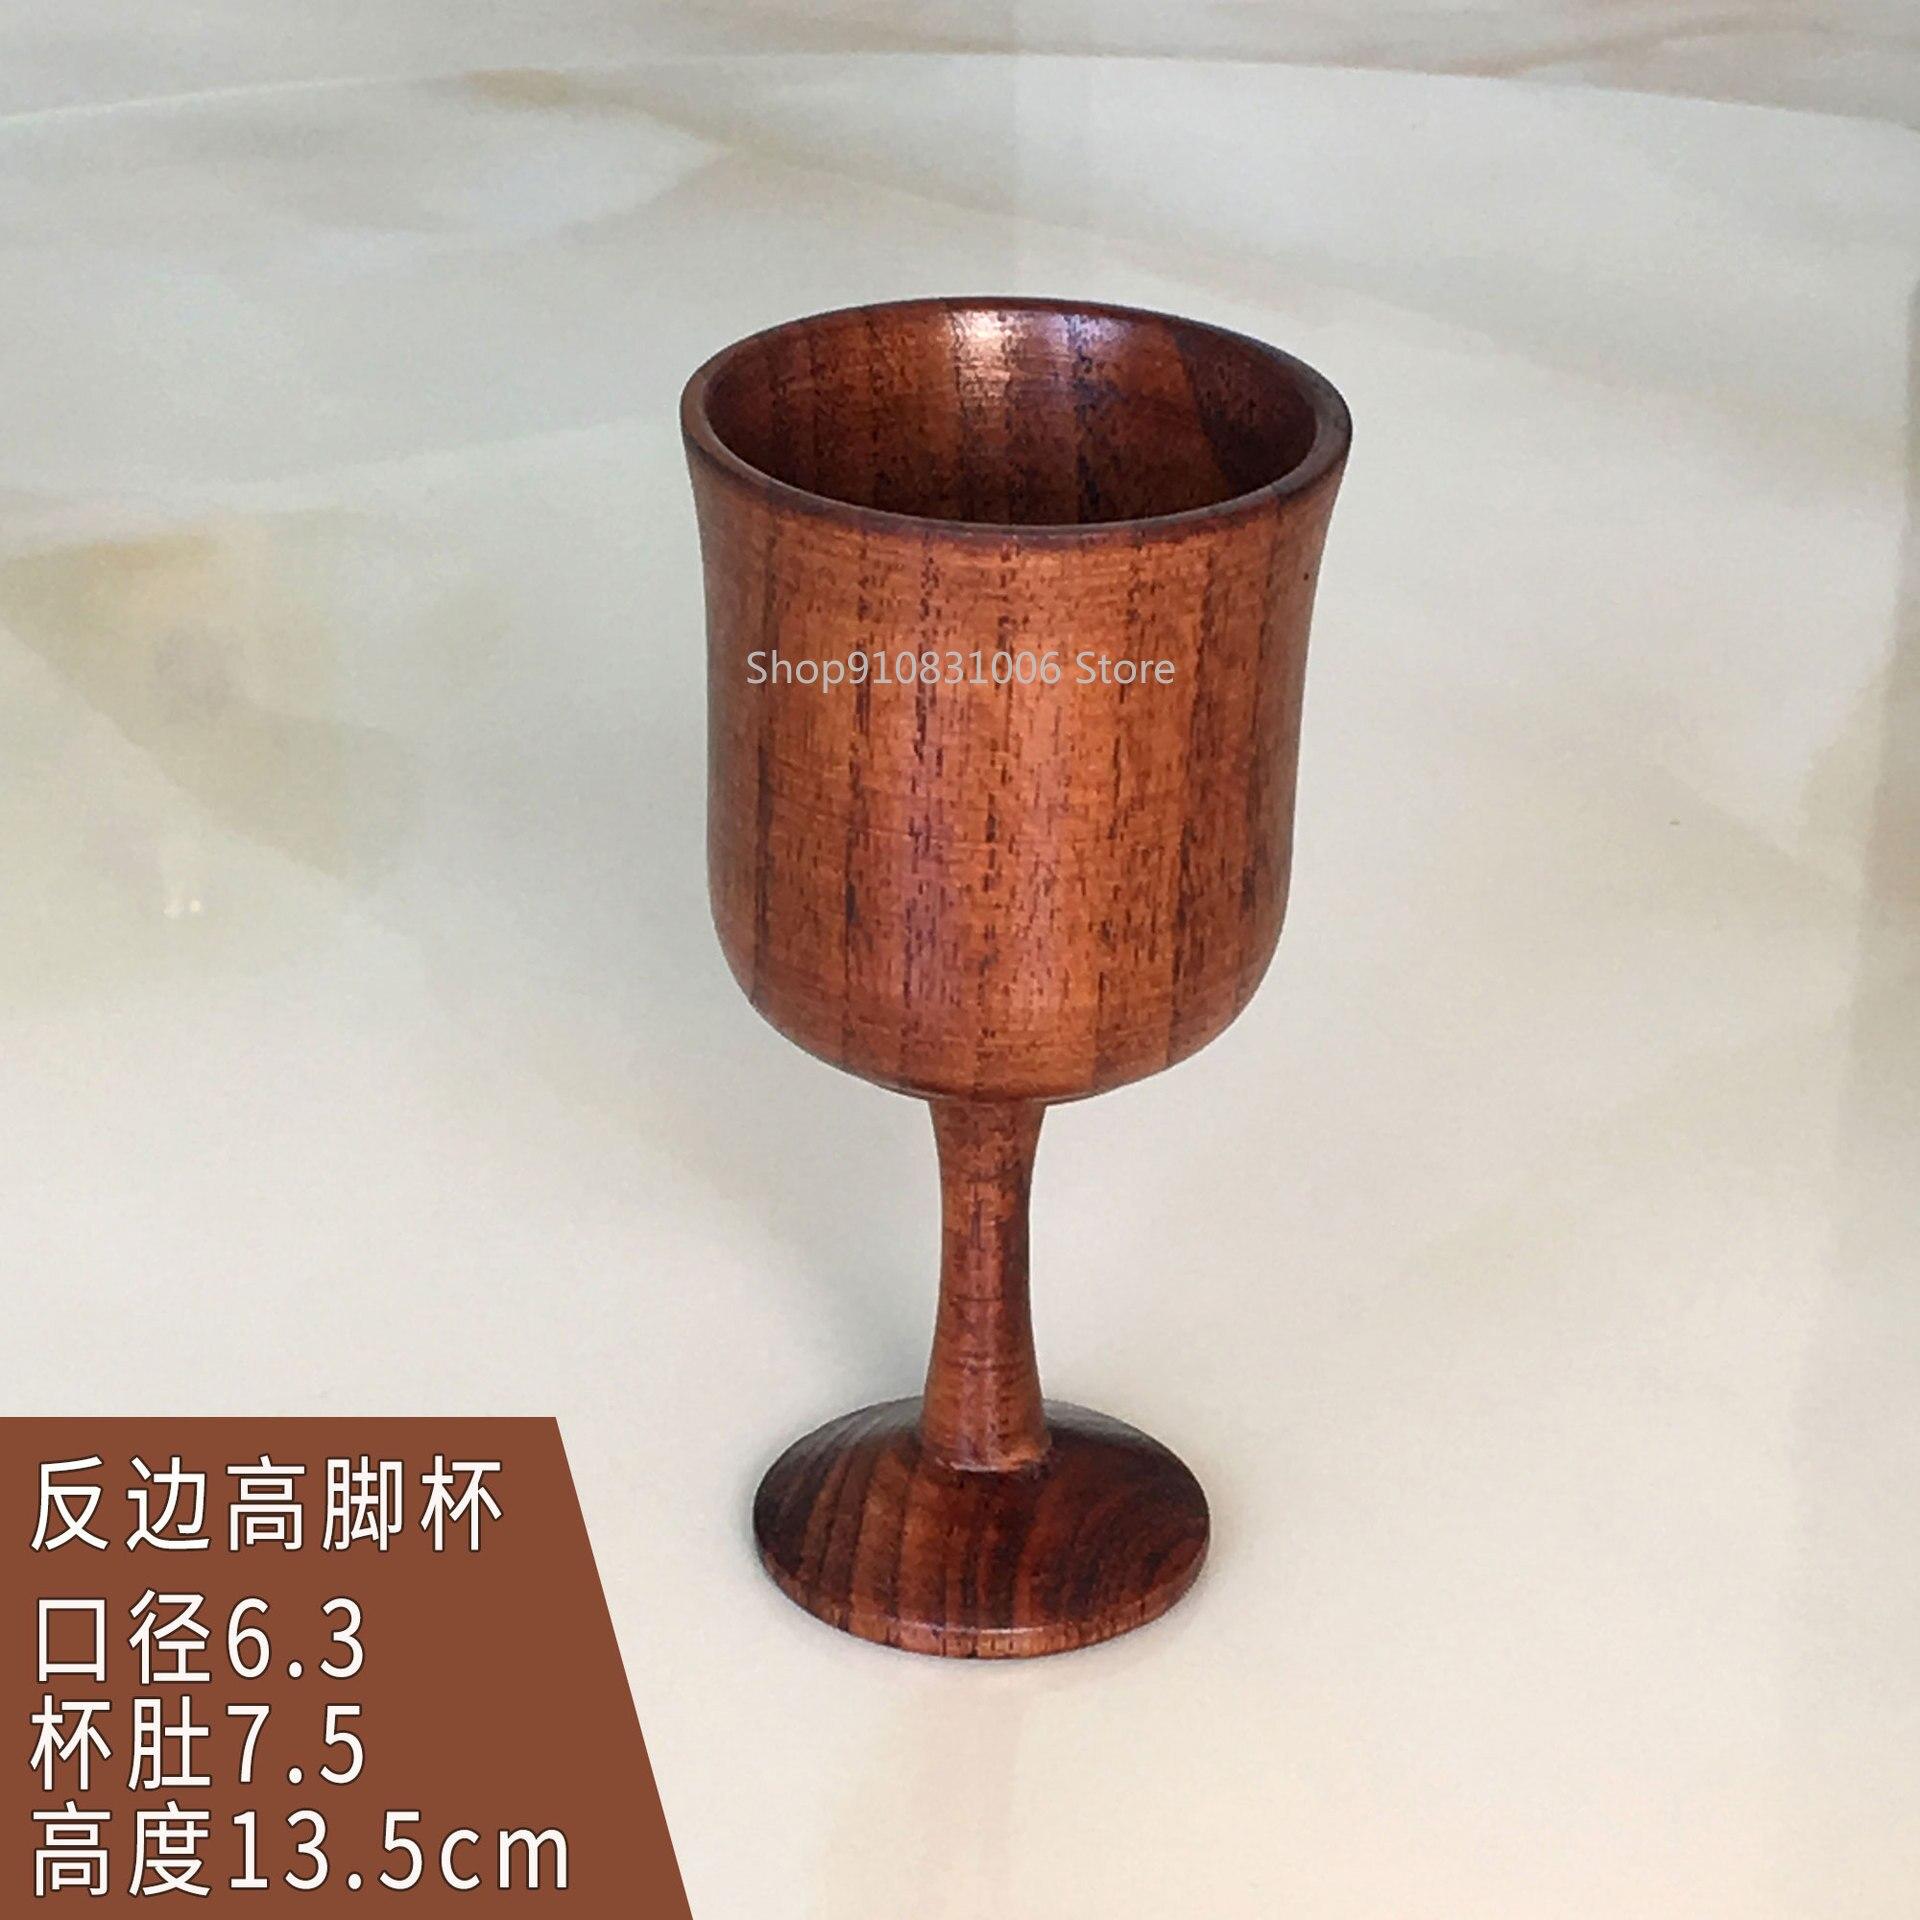 Купить прямая продажа креативный винный бокал классический традиционный